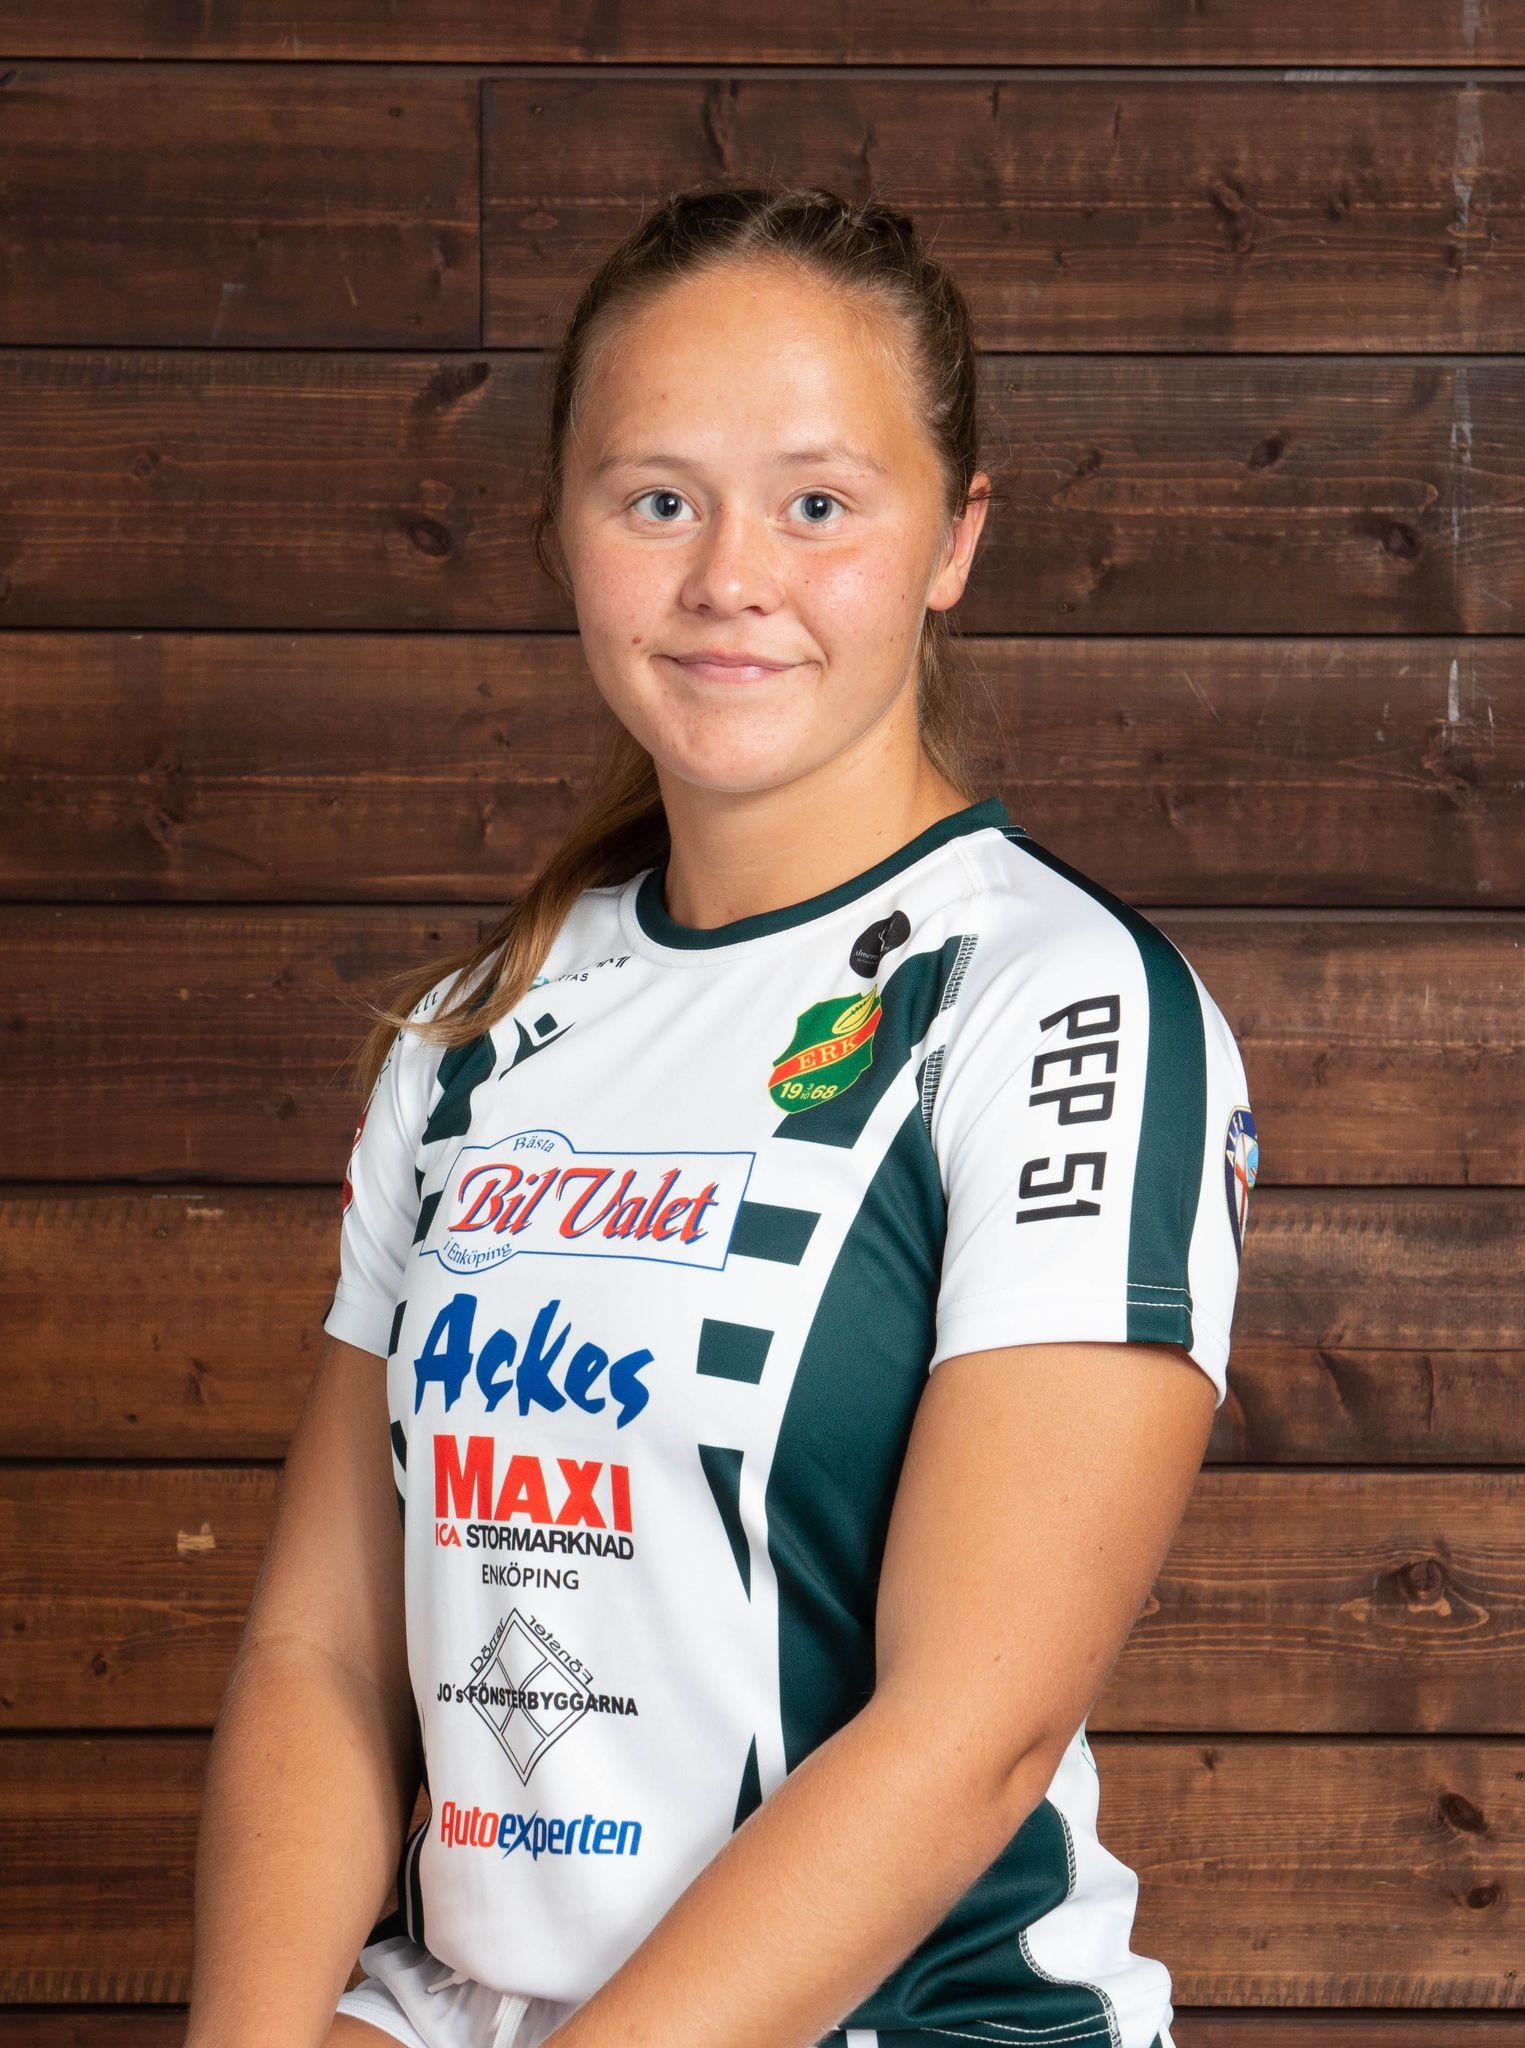 Emma Ytterbom